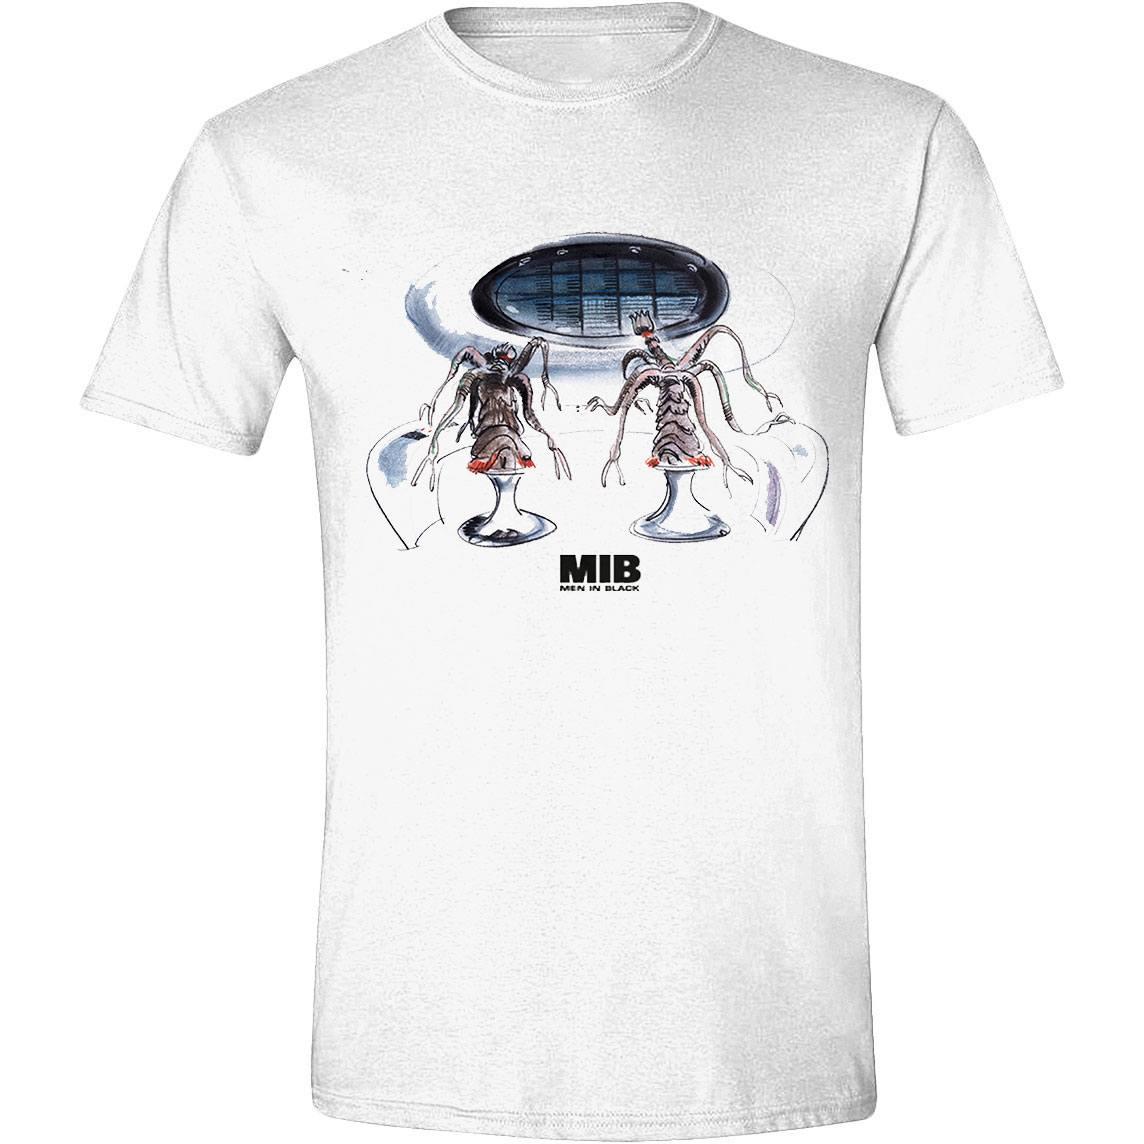 Men in Black T-Shirt Alien Tech Size L